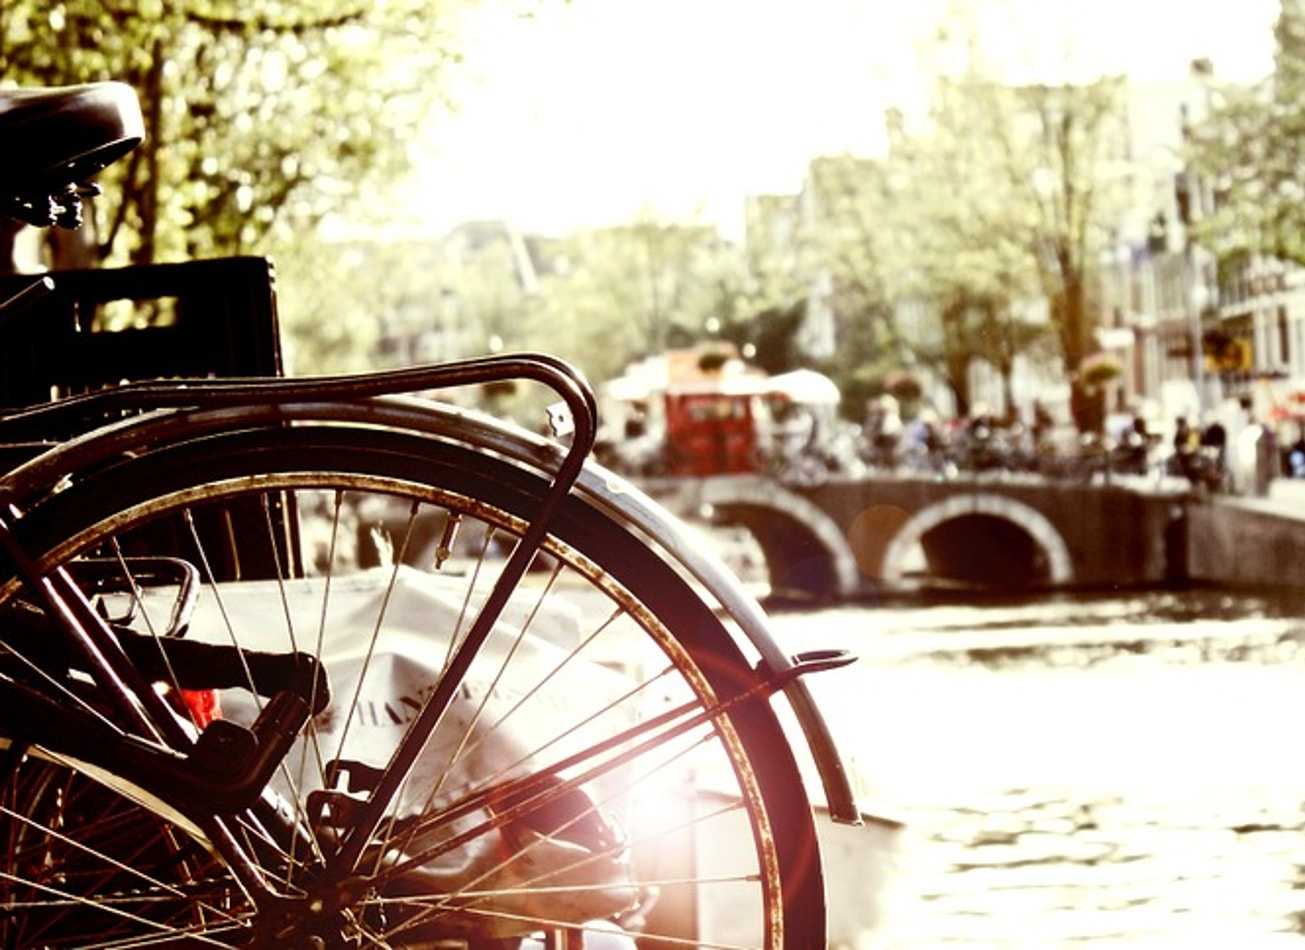 visite à vélo guidée vélos amsterdam activités